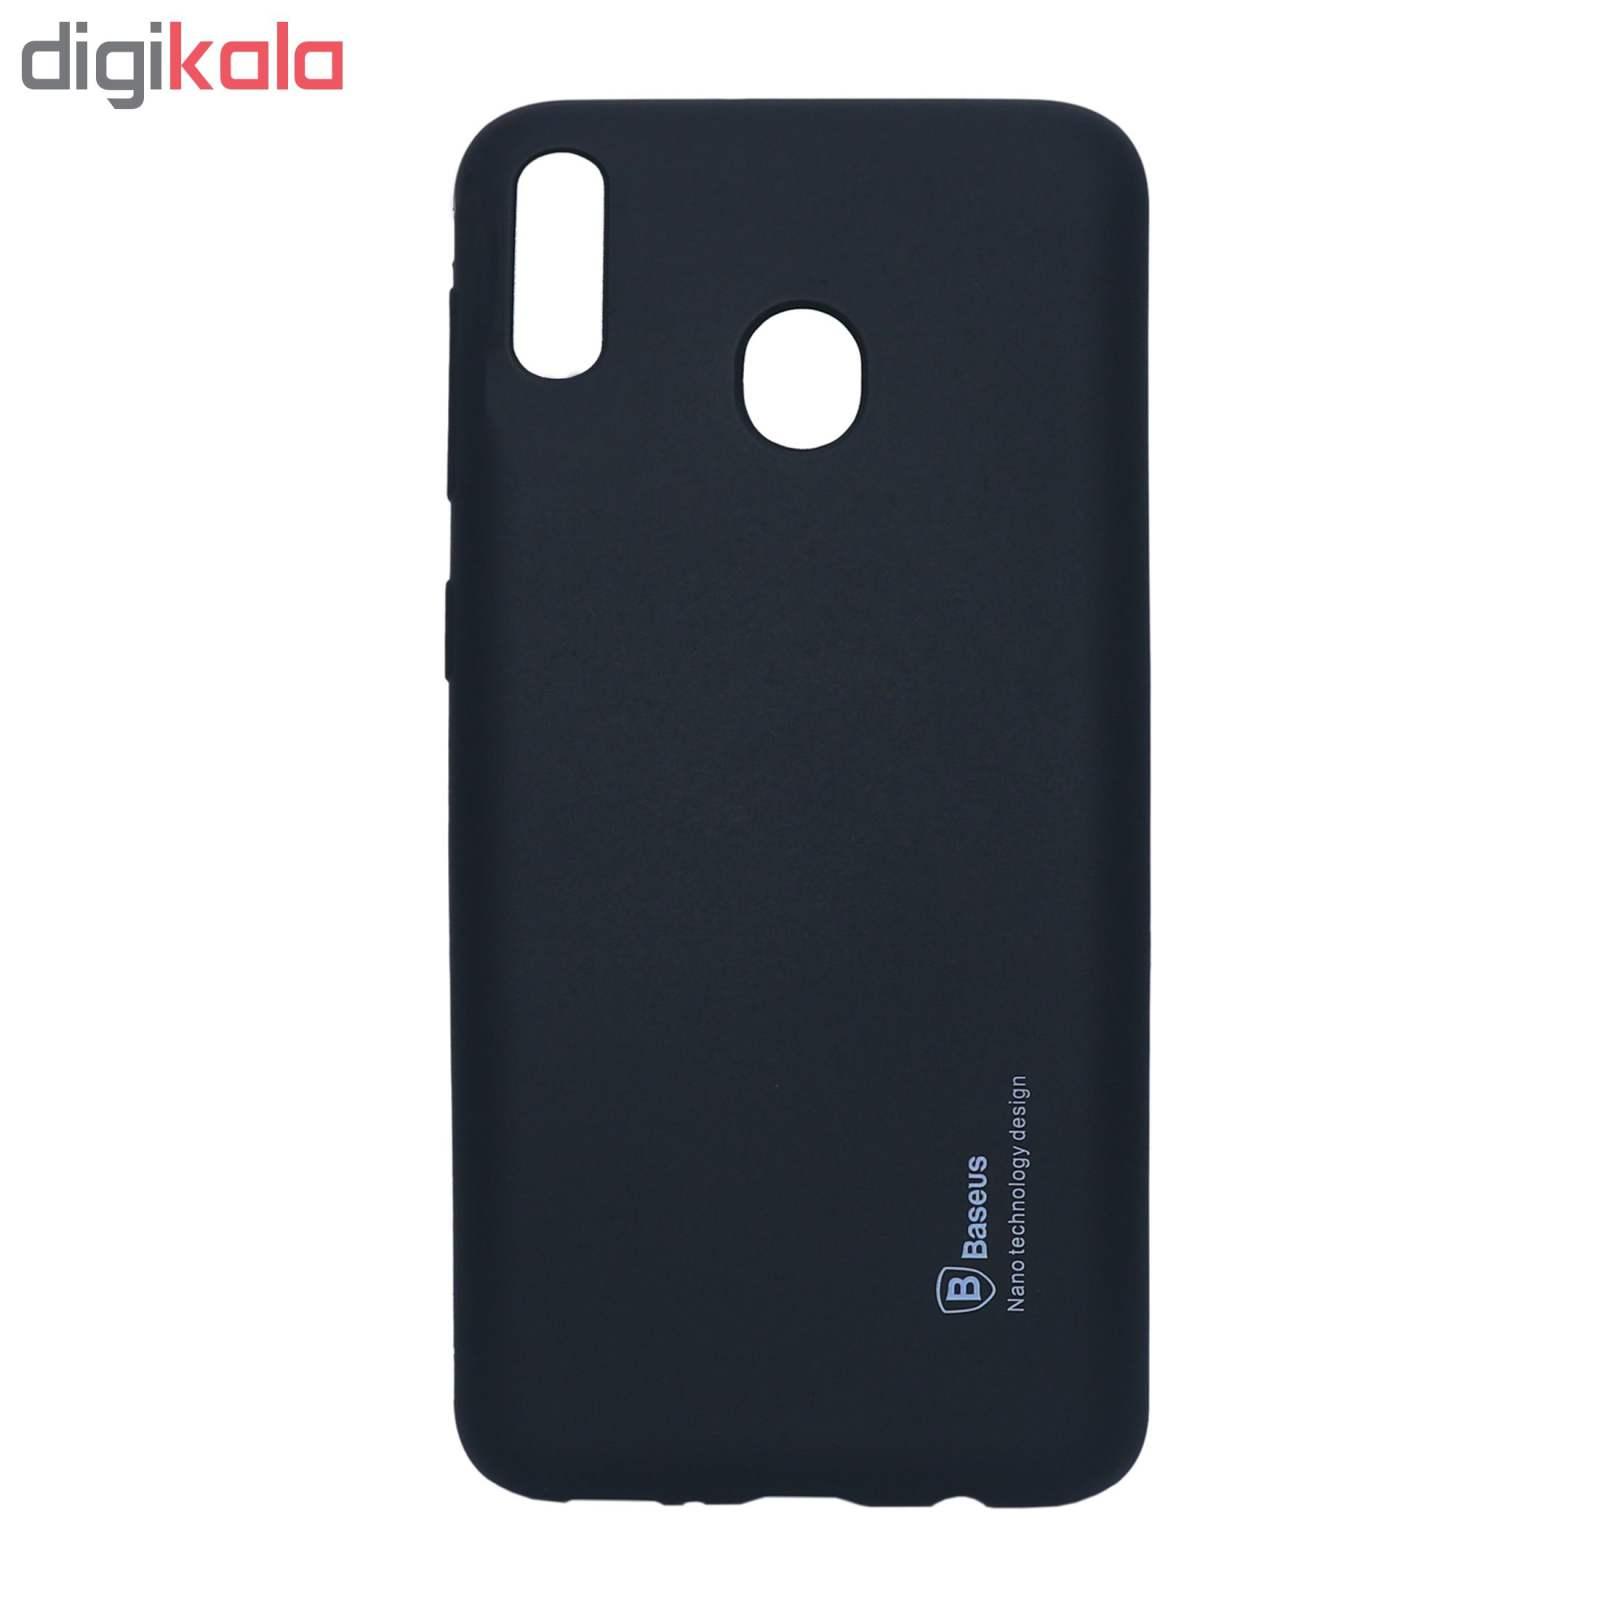 کاور مدل SJ-001 مناسب برای گوشی موبایل سامسونگ Galaxy M20 main 1 1